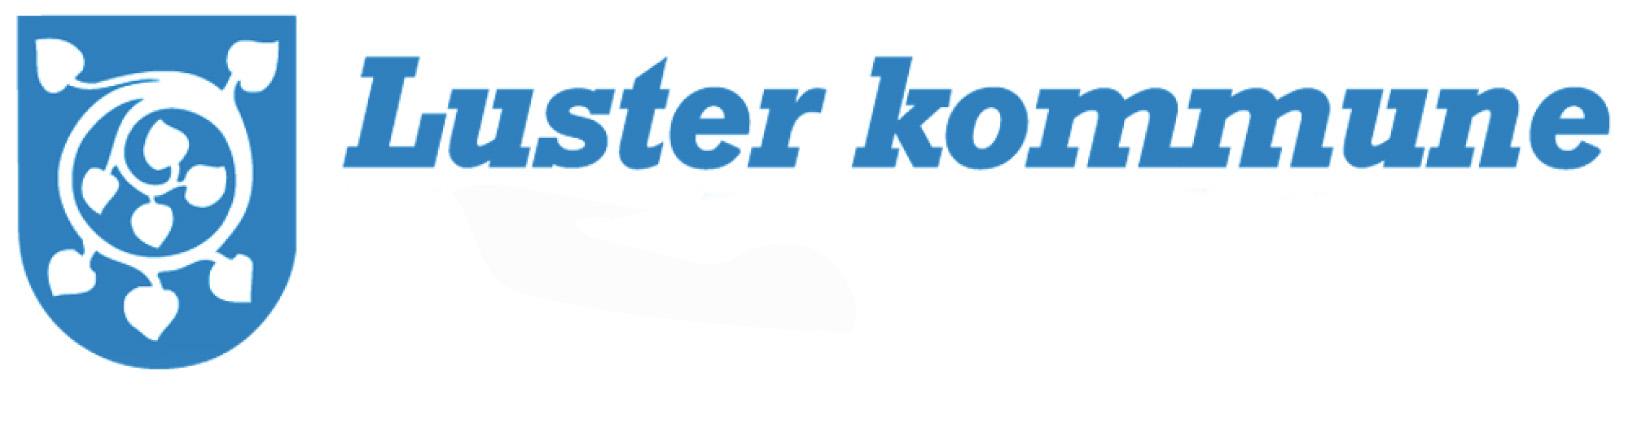 Logo Luster kommune m namn copy.jpg